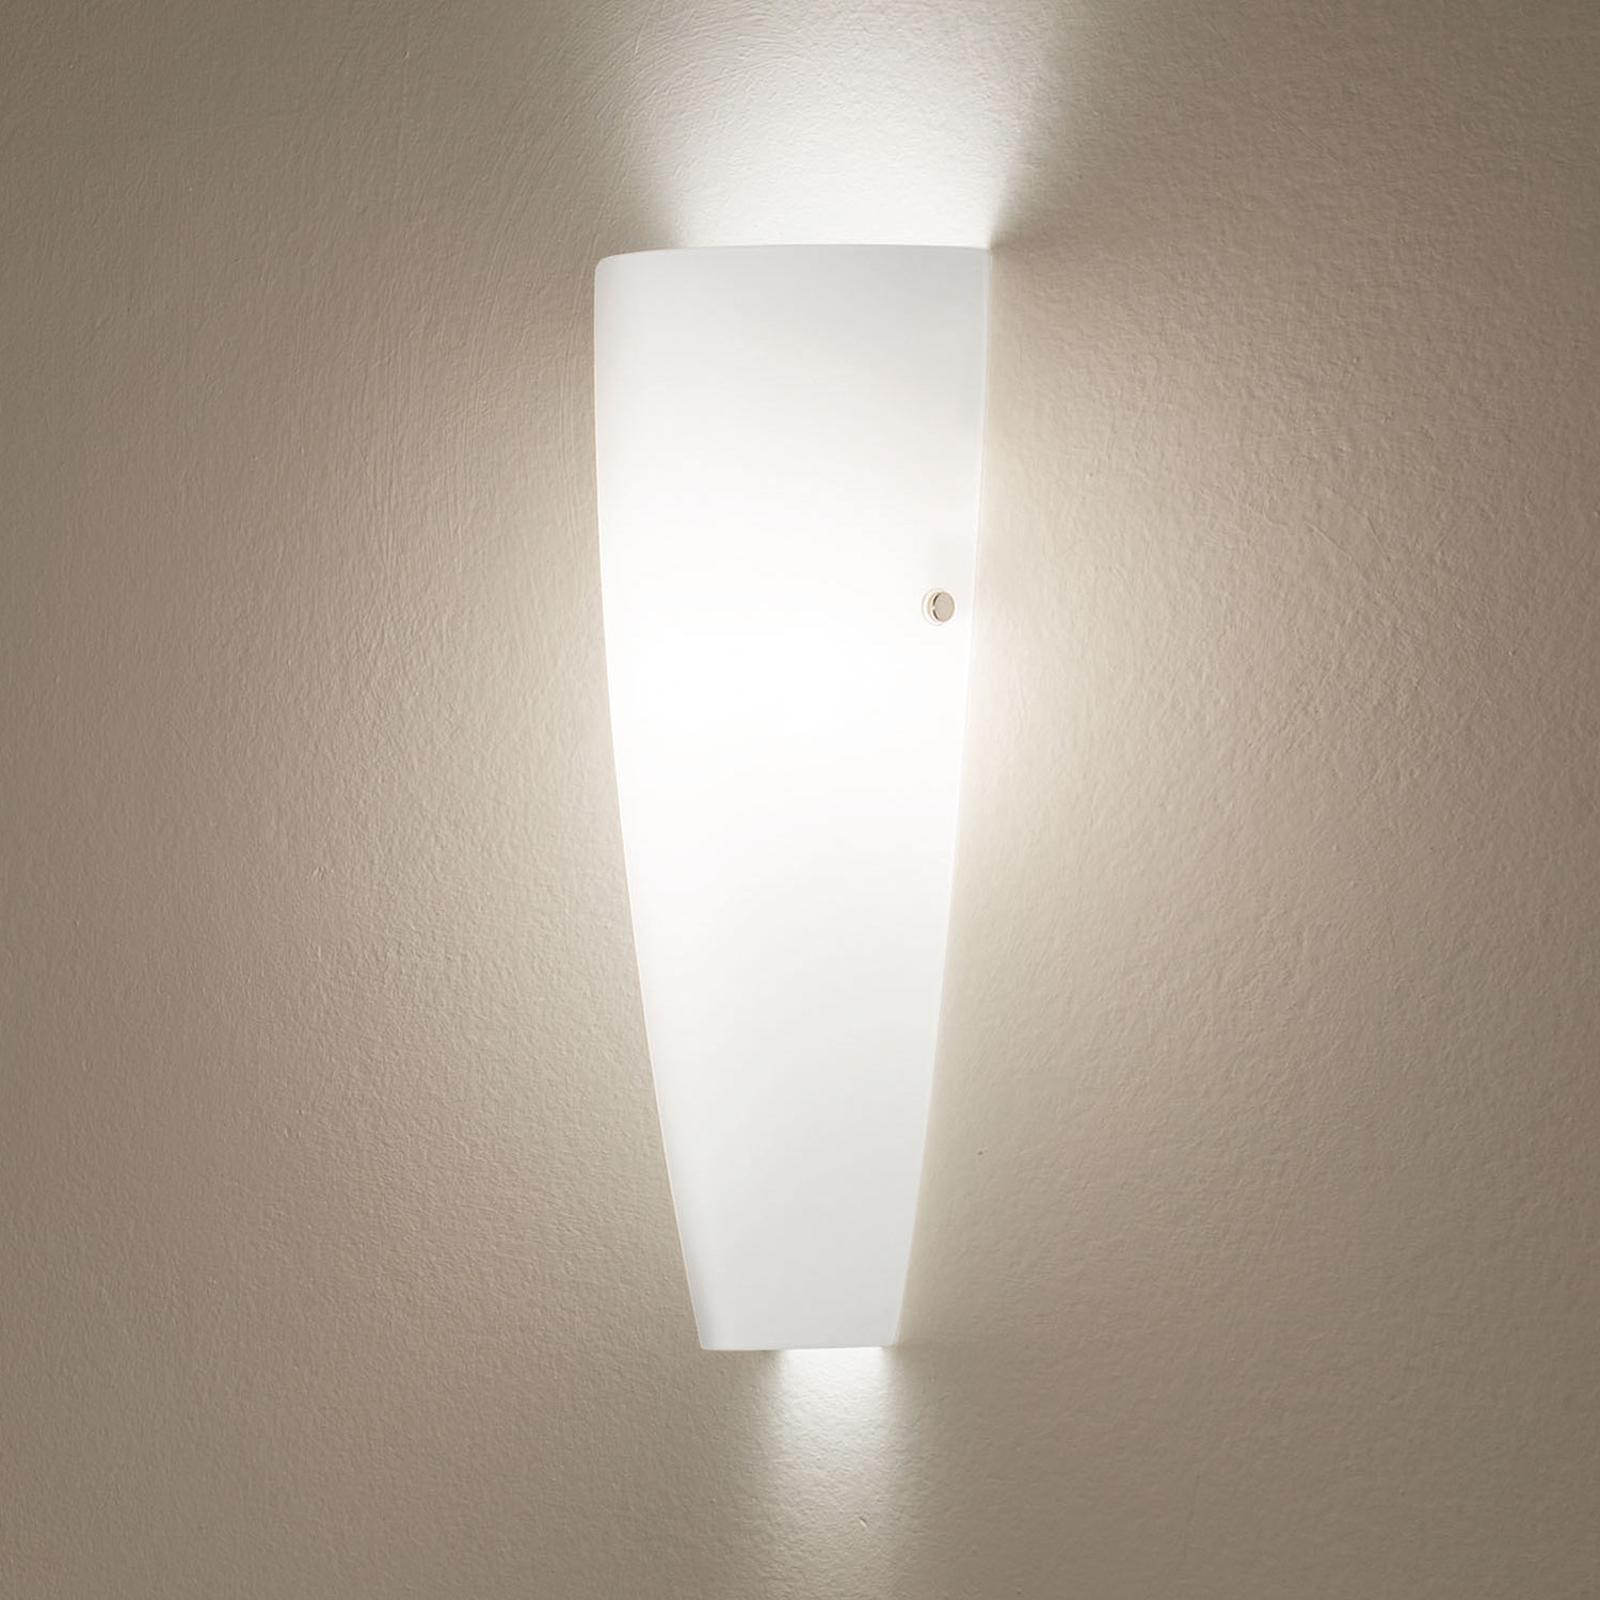 Hvid Dedalo væglampe IP44